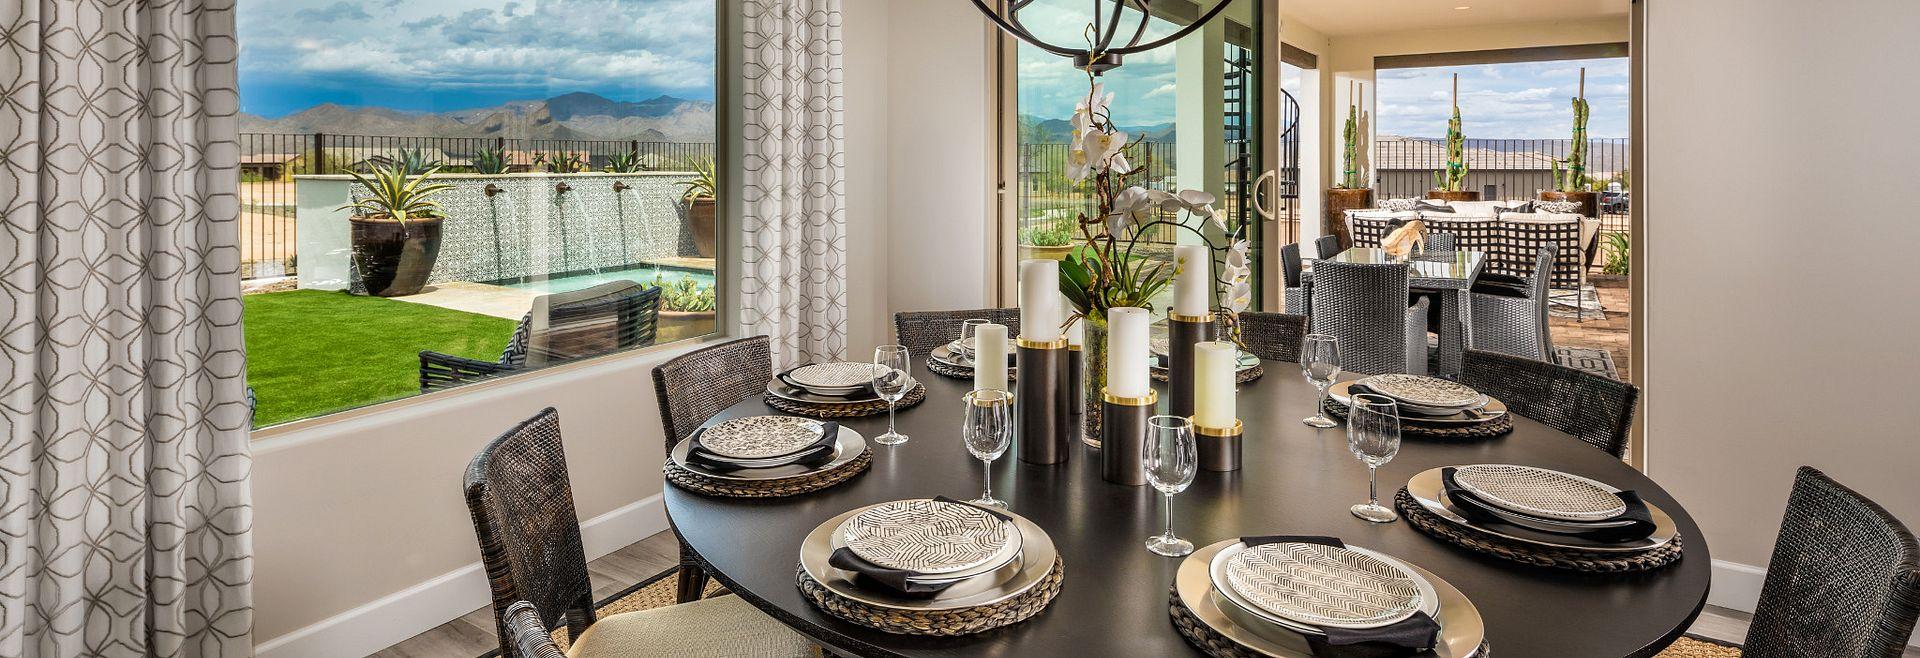 Brasada Model Dining Room